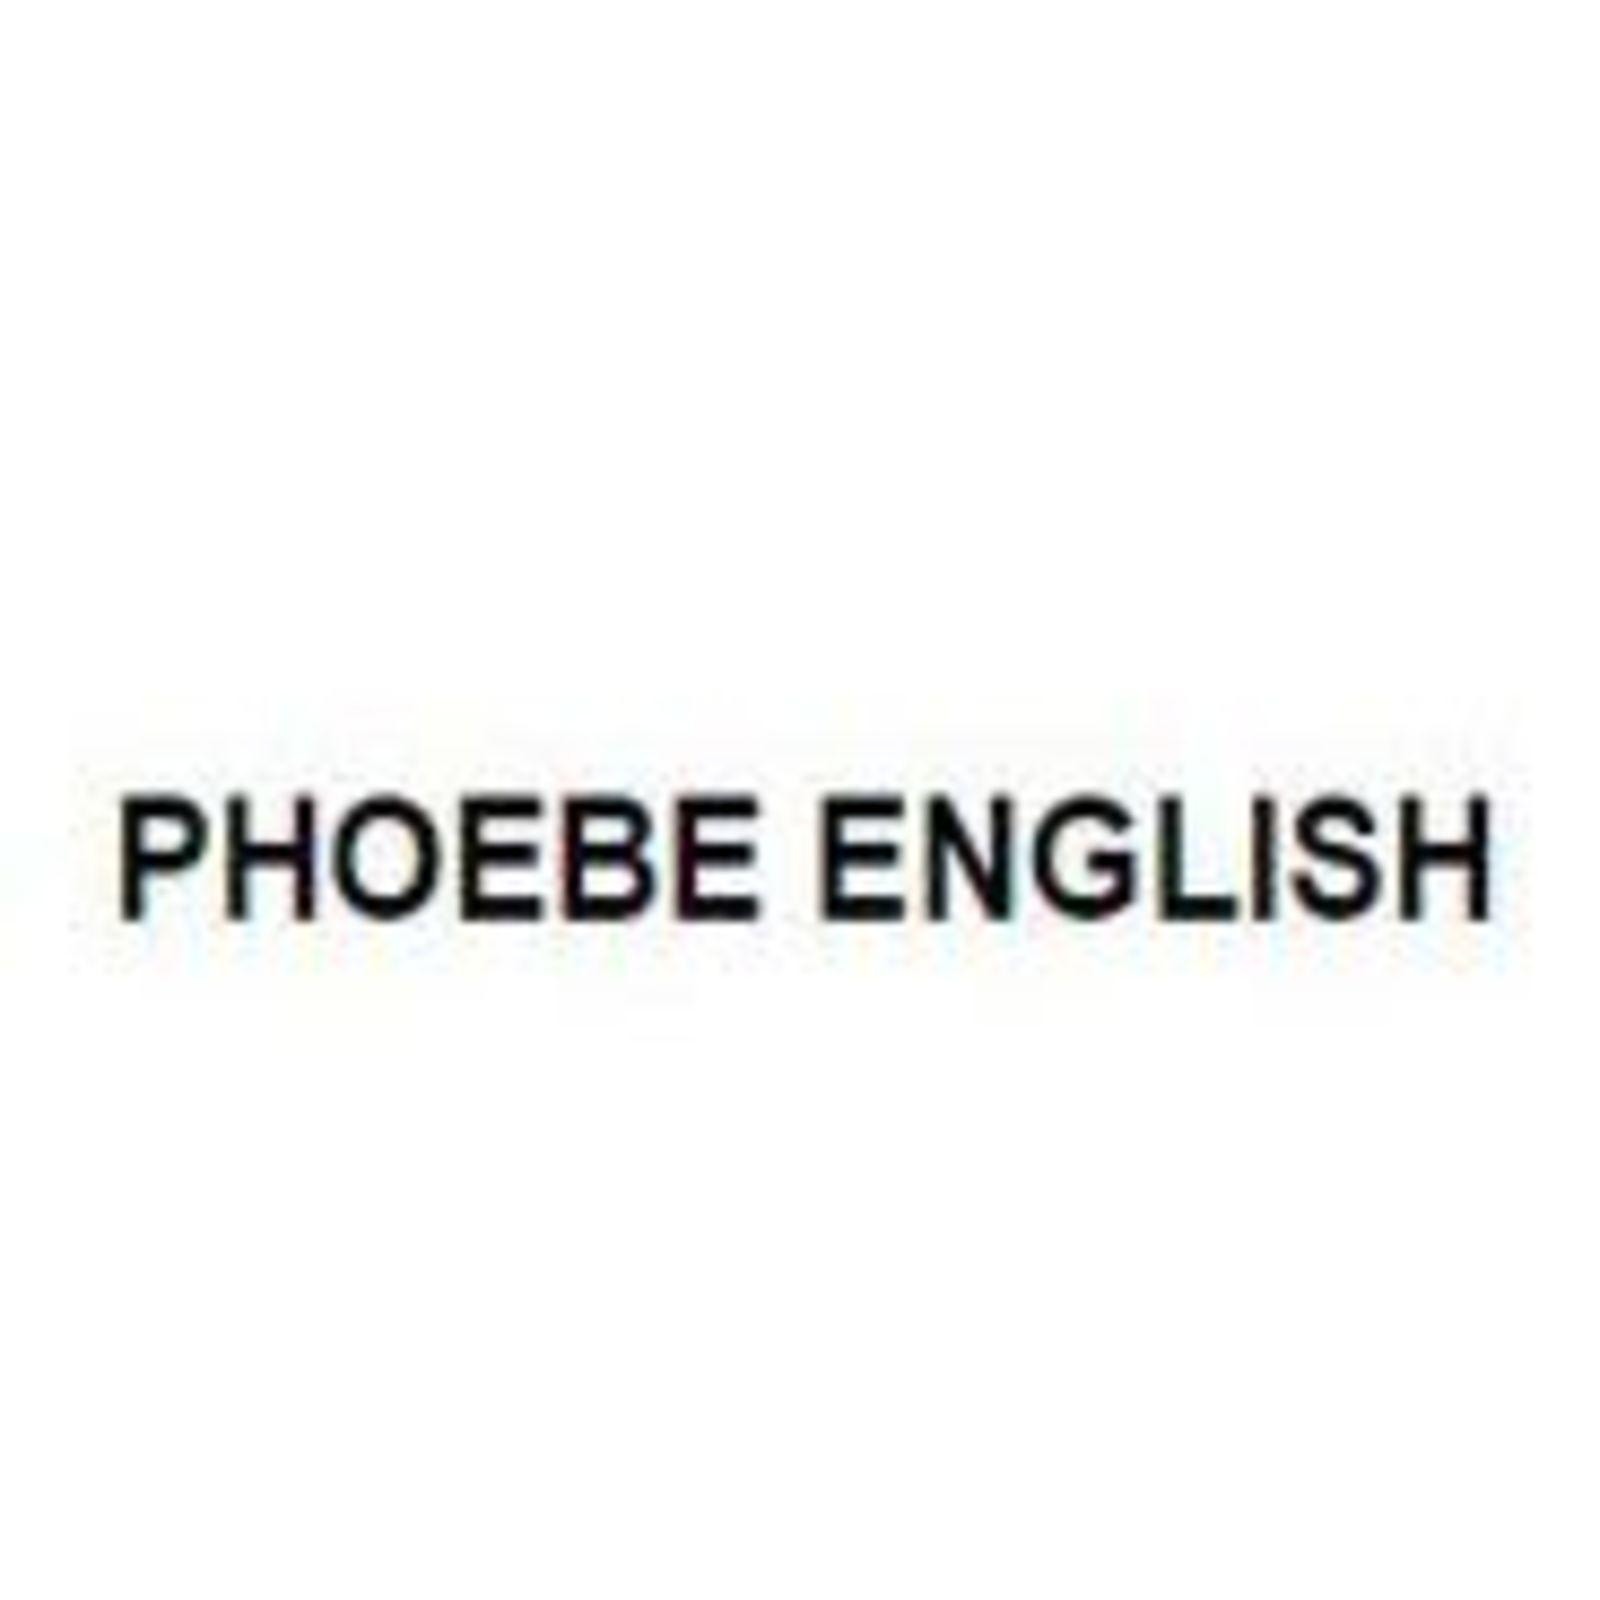 PHOEBE ENGLISH